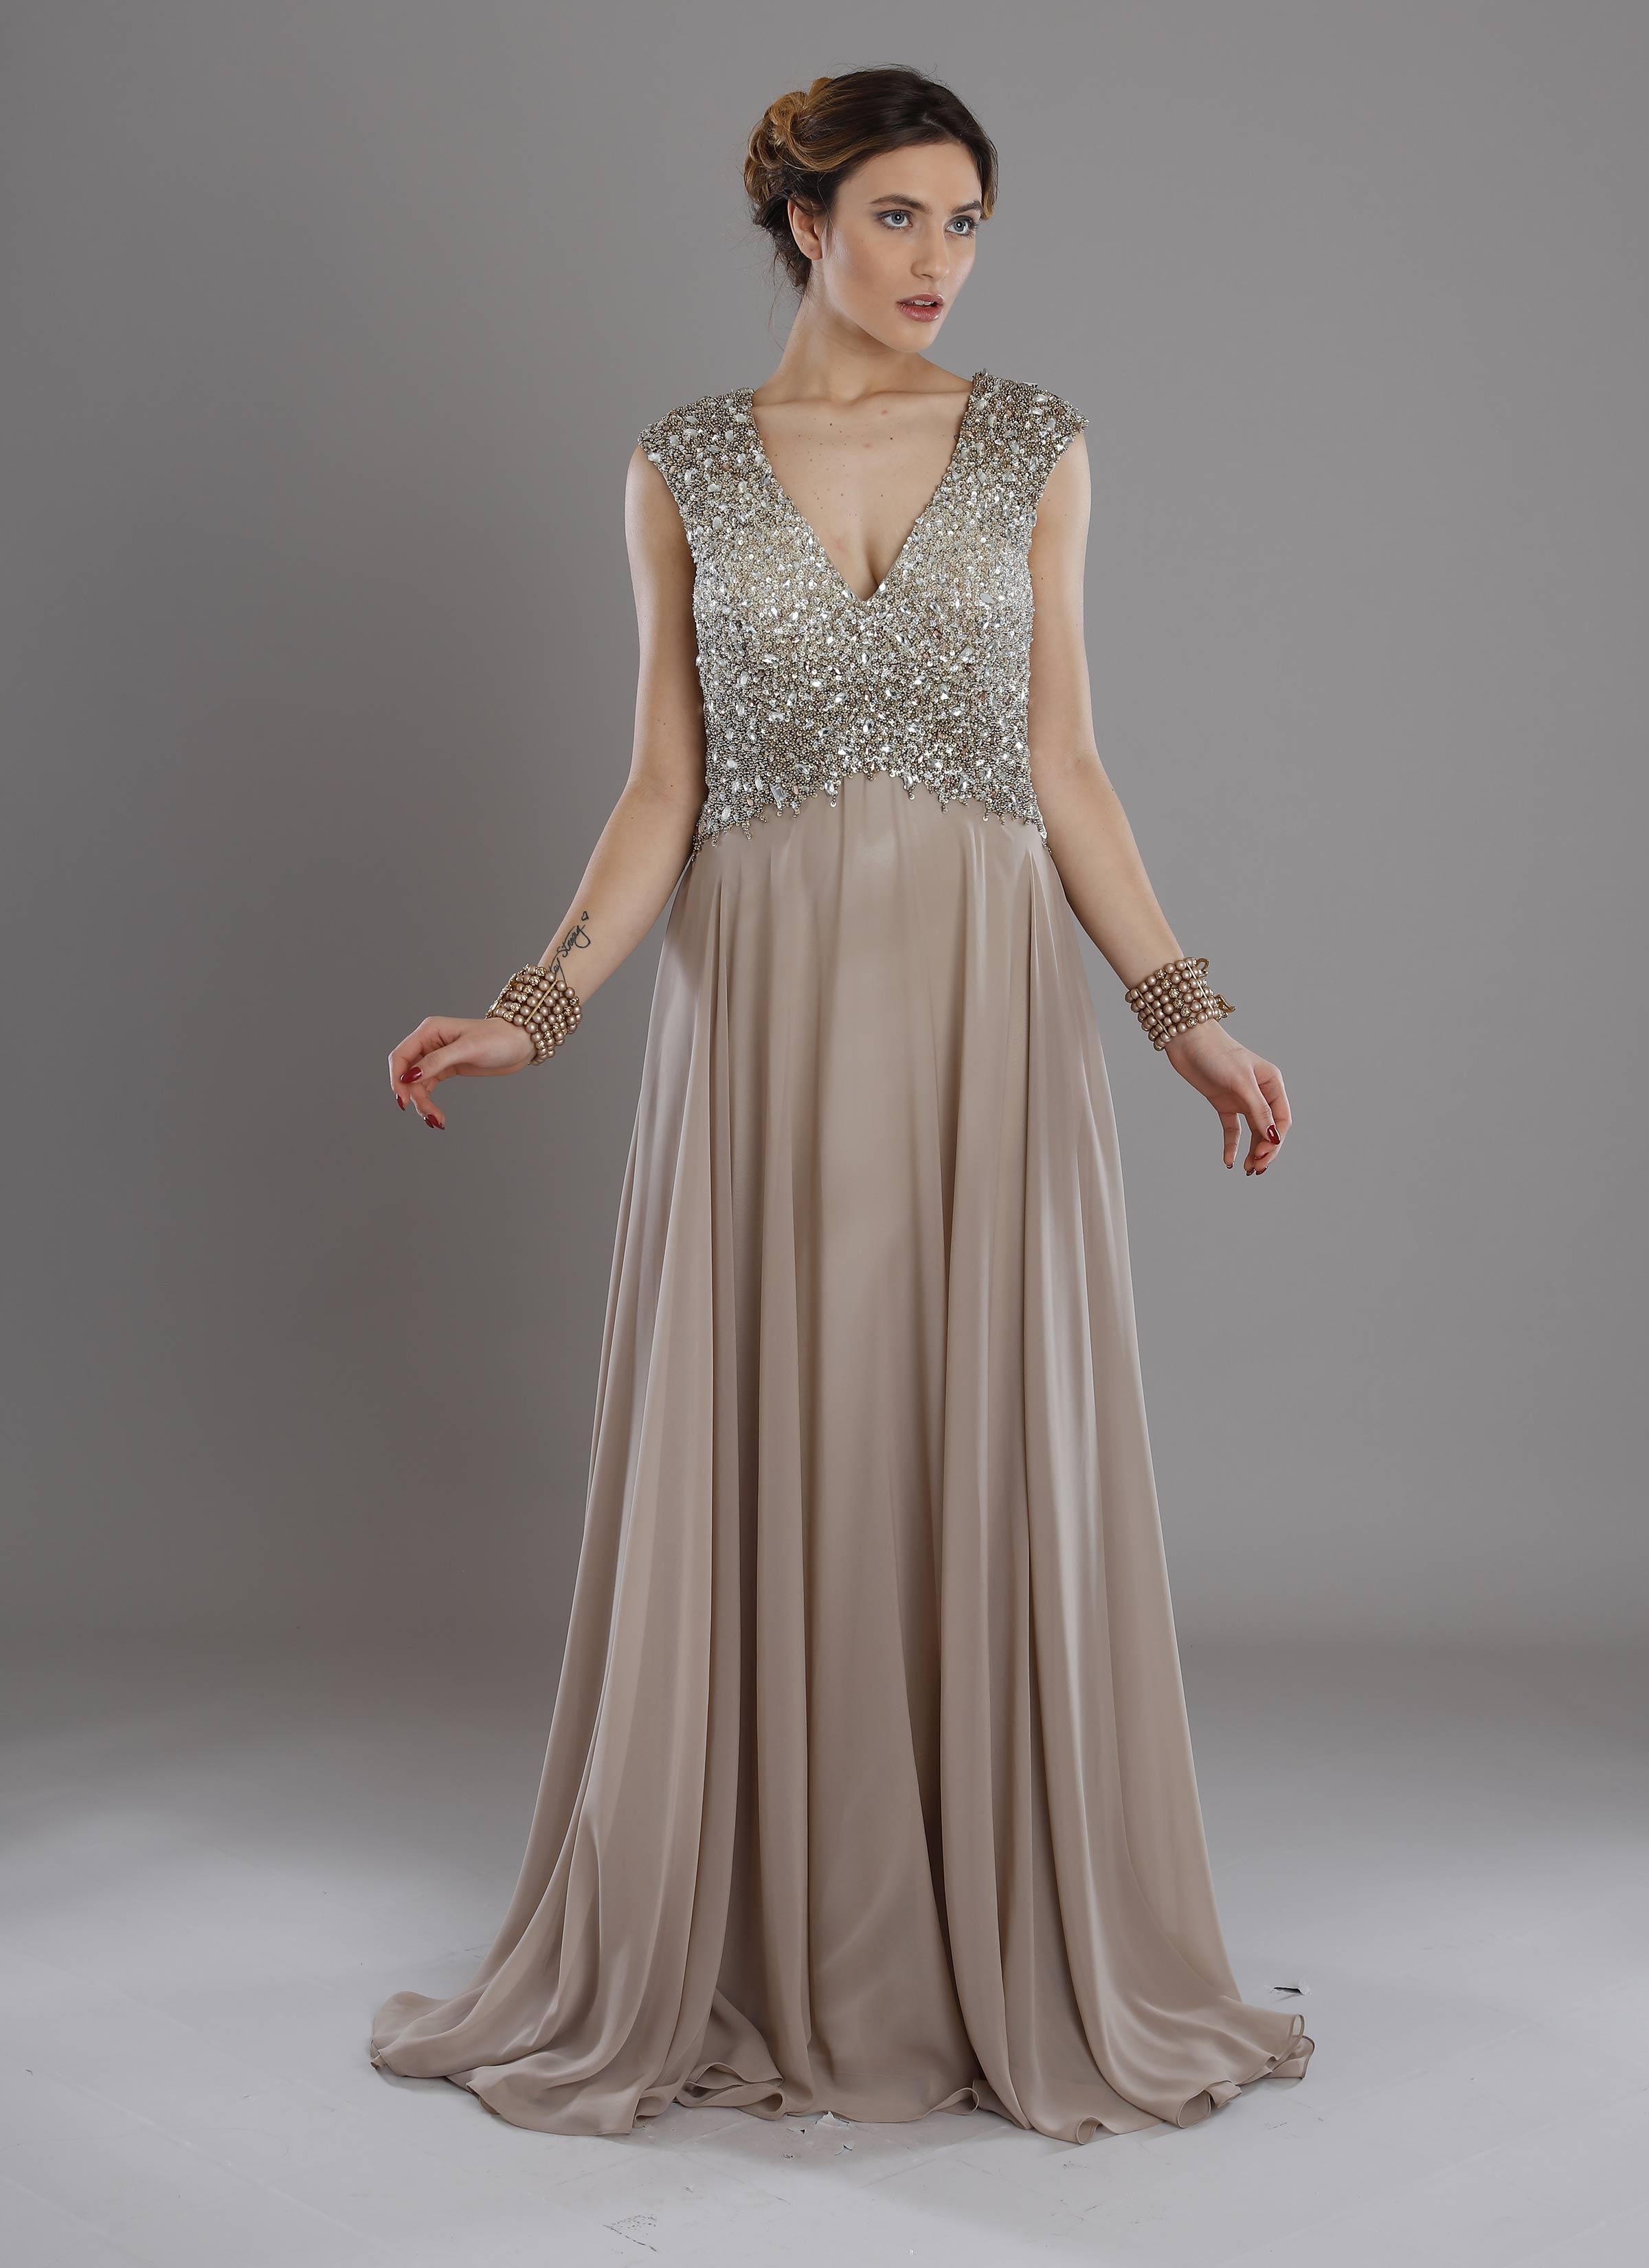 new style 51ea2 67ba4 Mariella Gennarino | Vestito lungo per cerimonia con corpino ricamato